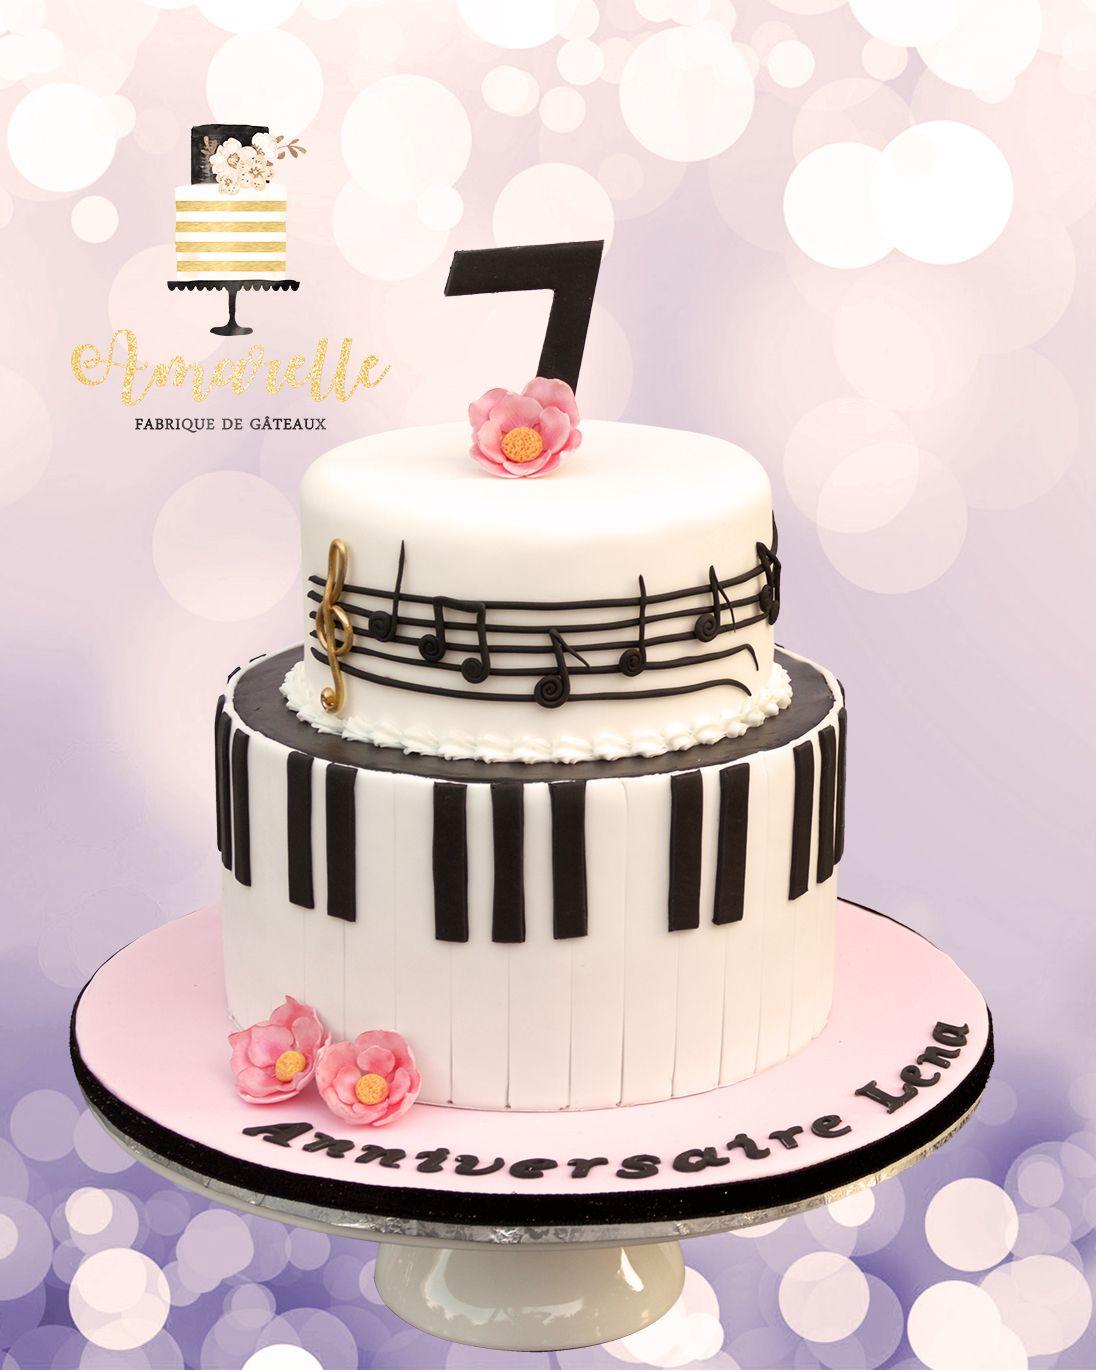 Gateau piano musique music cake en 2019 gateau anniversaire anniversaire musique et g teau - Image gateau anniversaire 60 ans ...